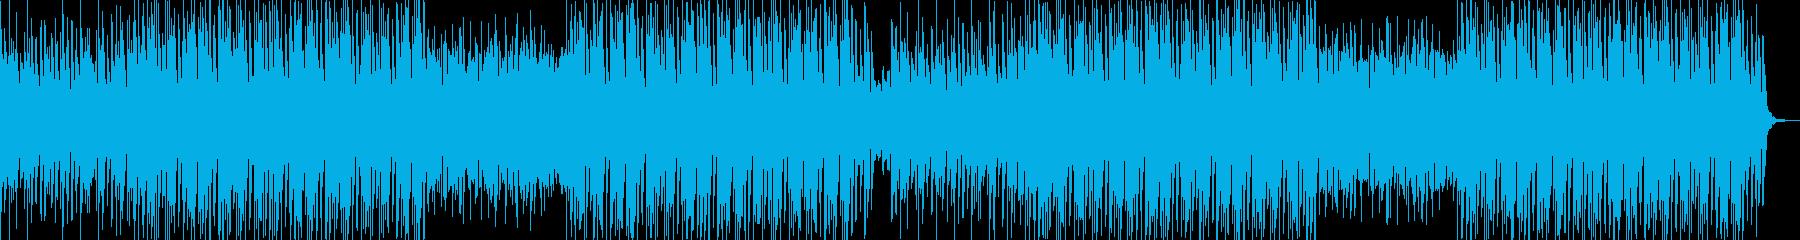 Girlyな雰囲気の可愛いPOPSの再生済みの波形